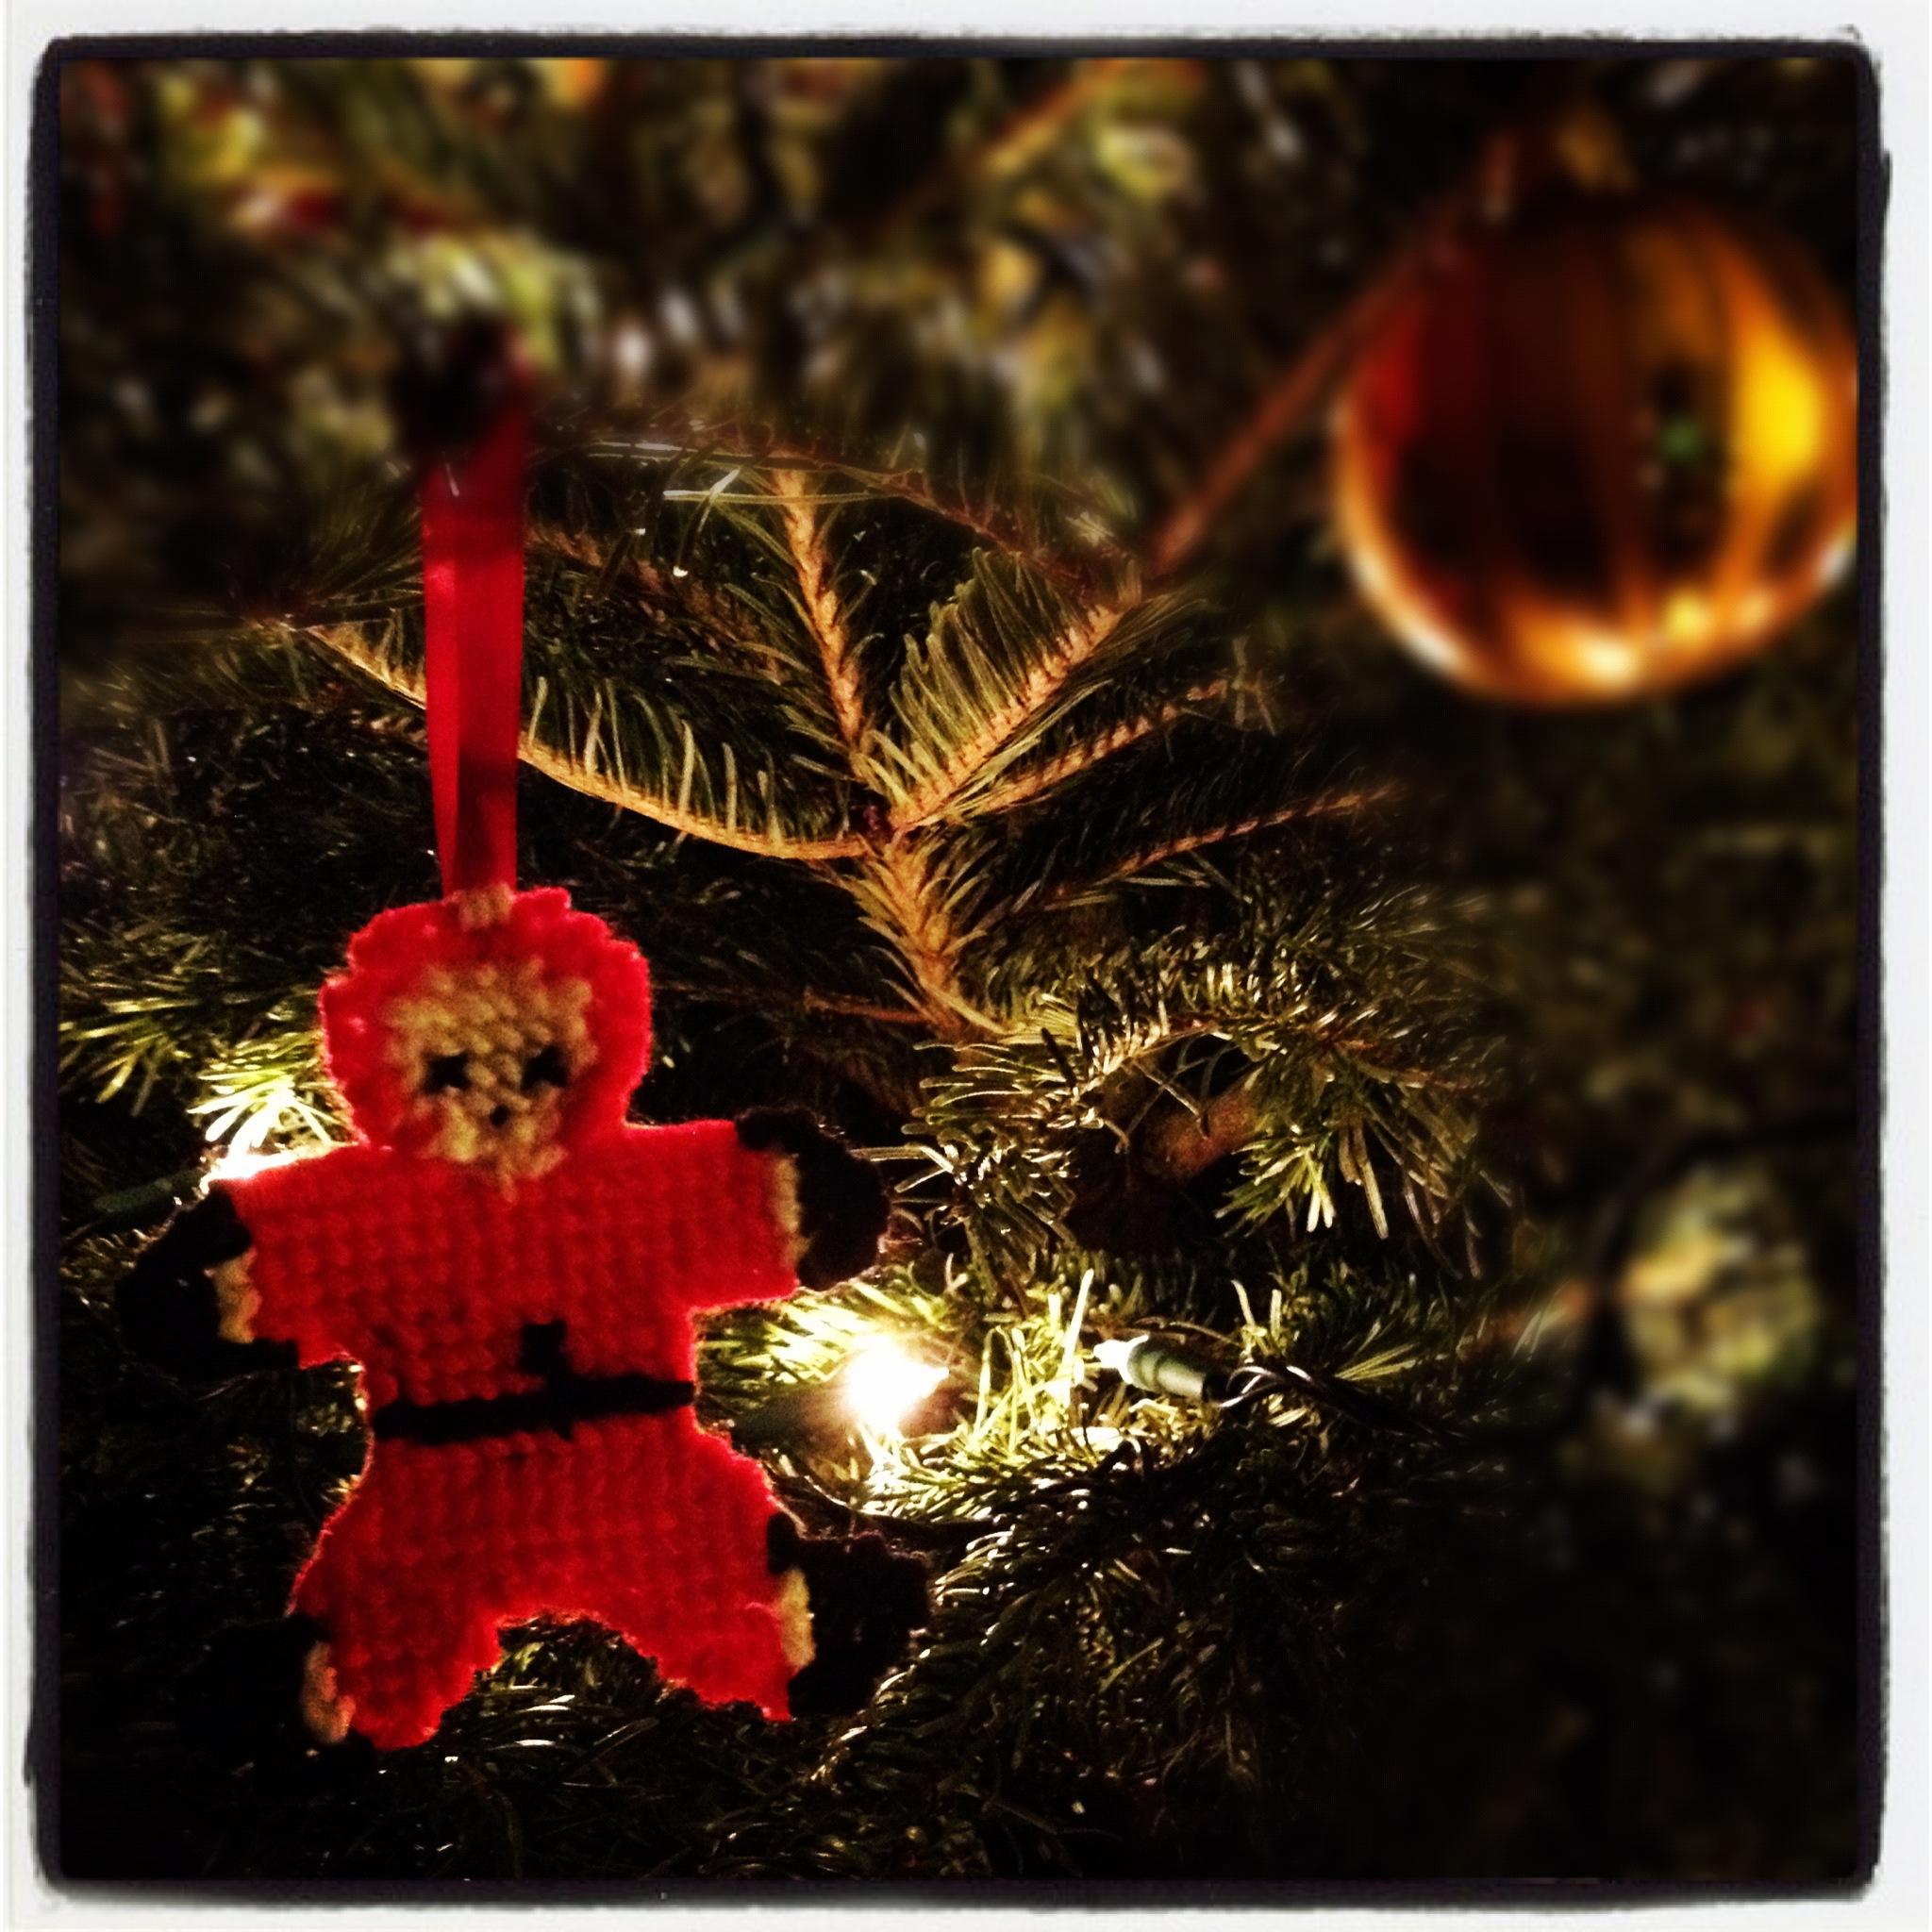 Christmasdecoration